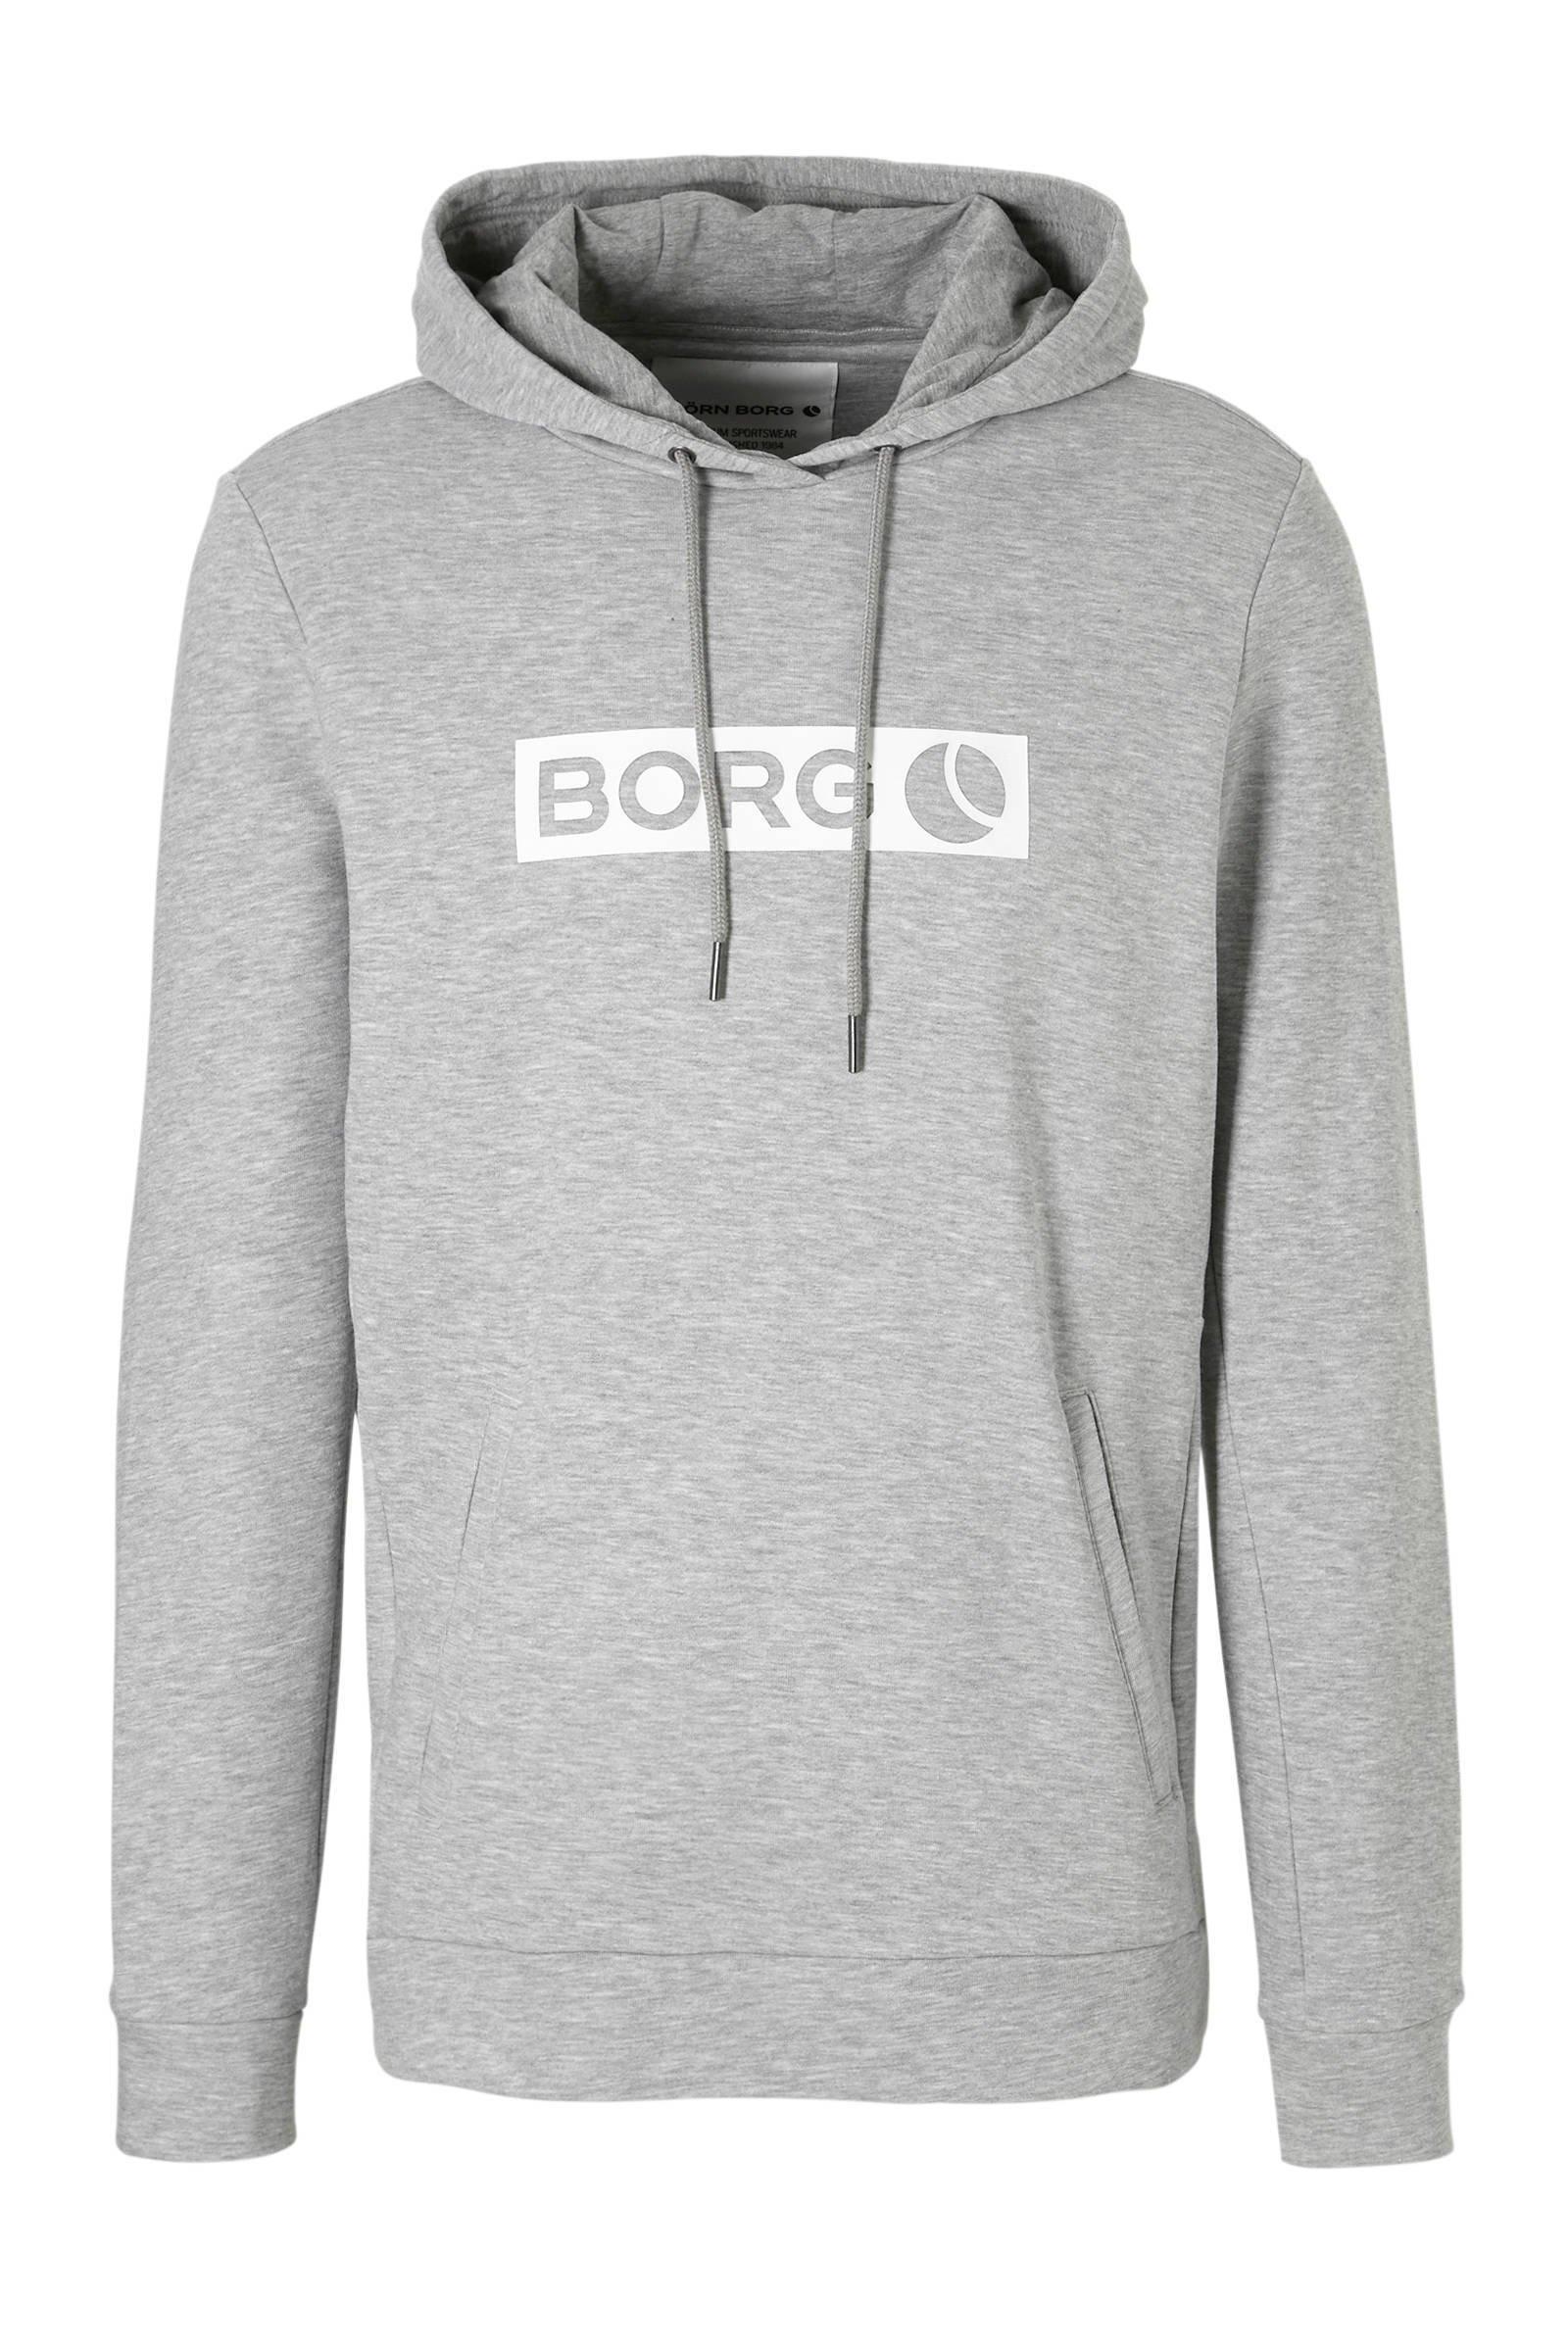 Björn Borg   hoodie grijs (heren)